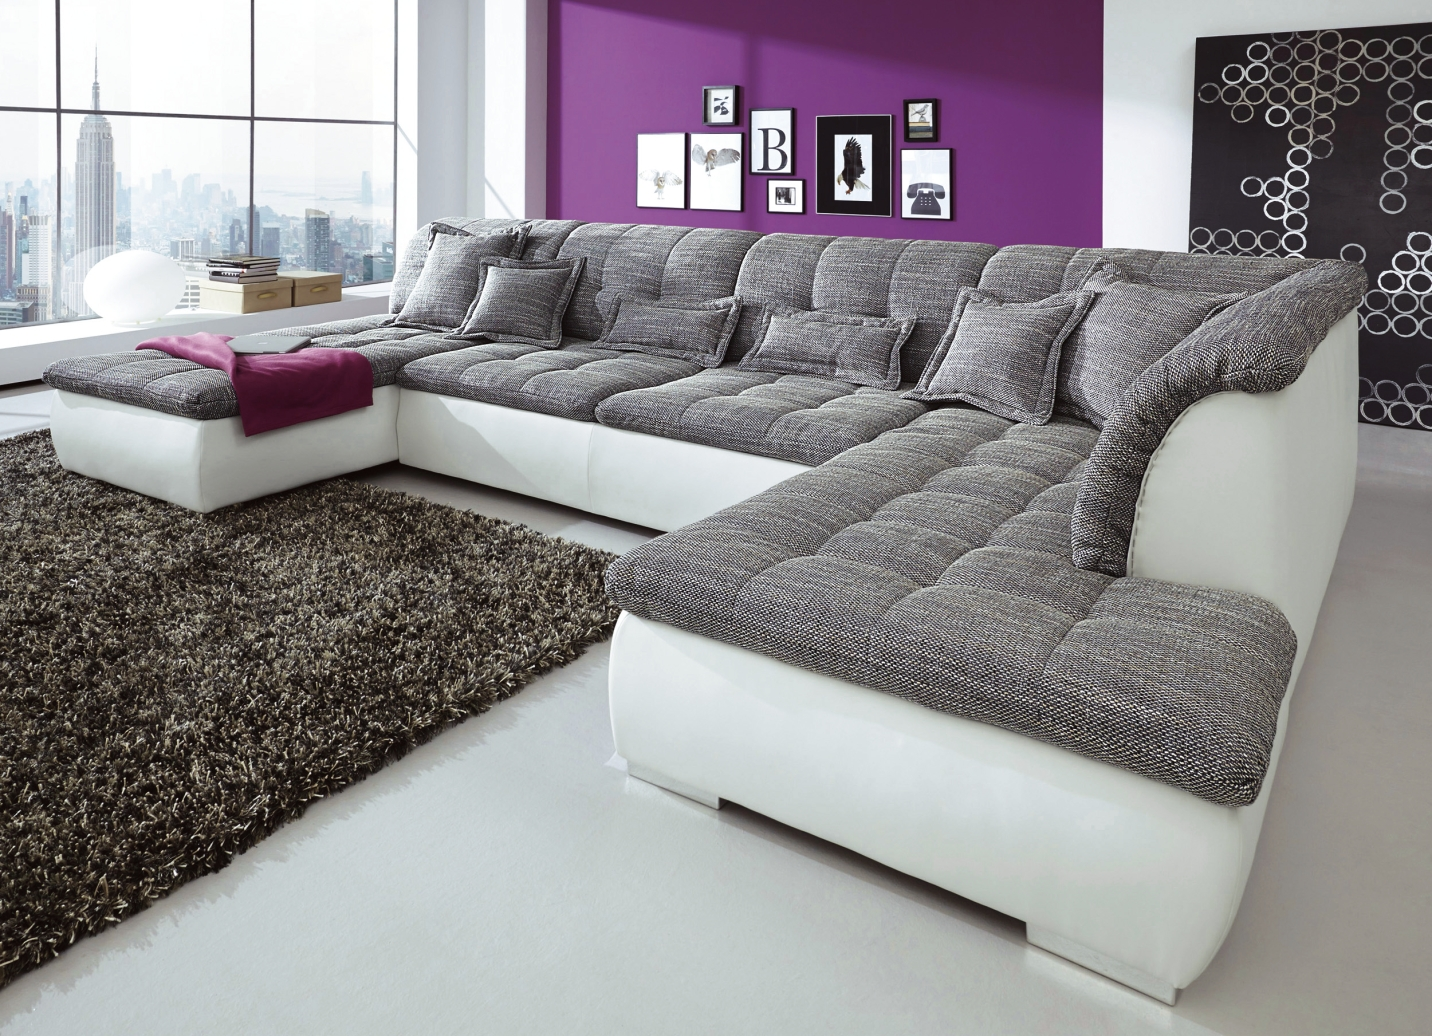 polsterecke in verschiedenen ausf hrungen wohnzimmer bader. Black Bedroom Furniture Sets. Home Design Ideas